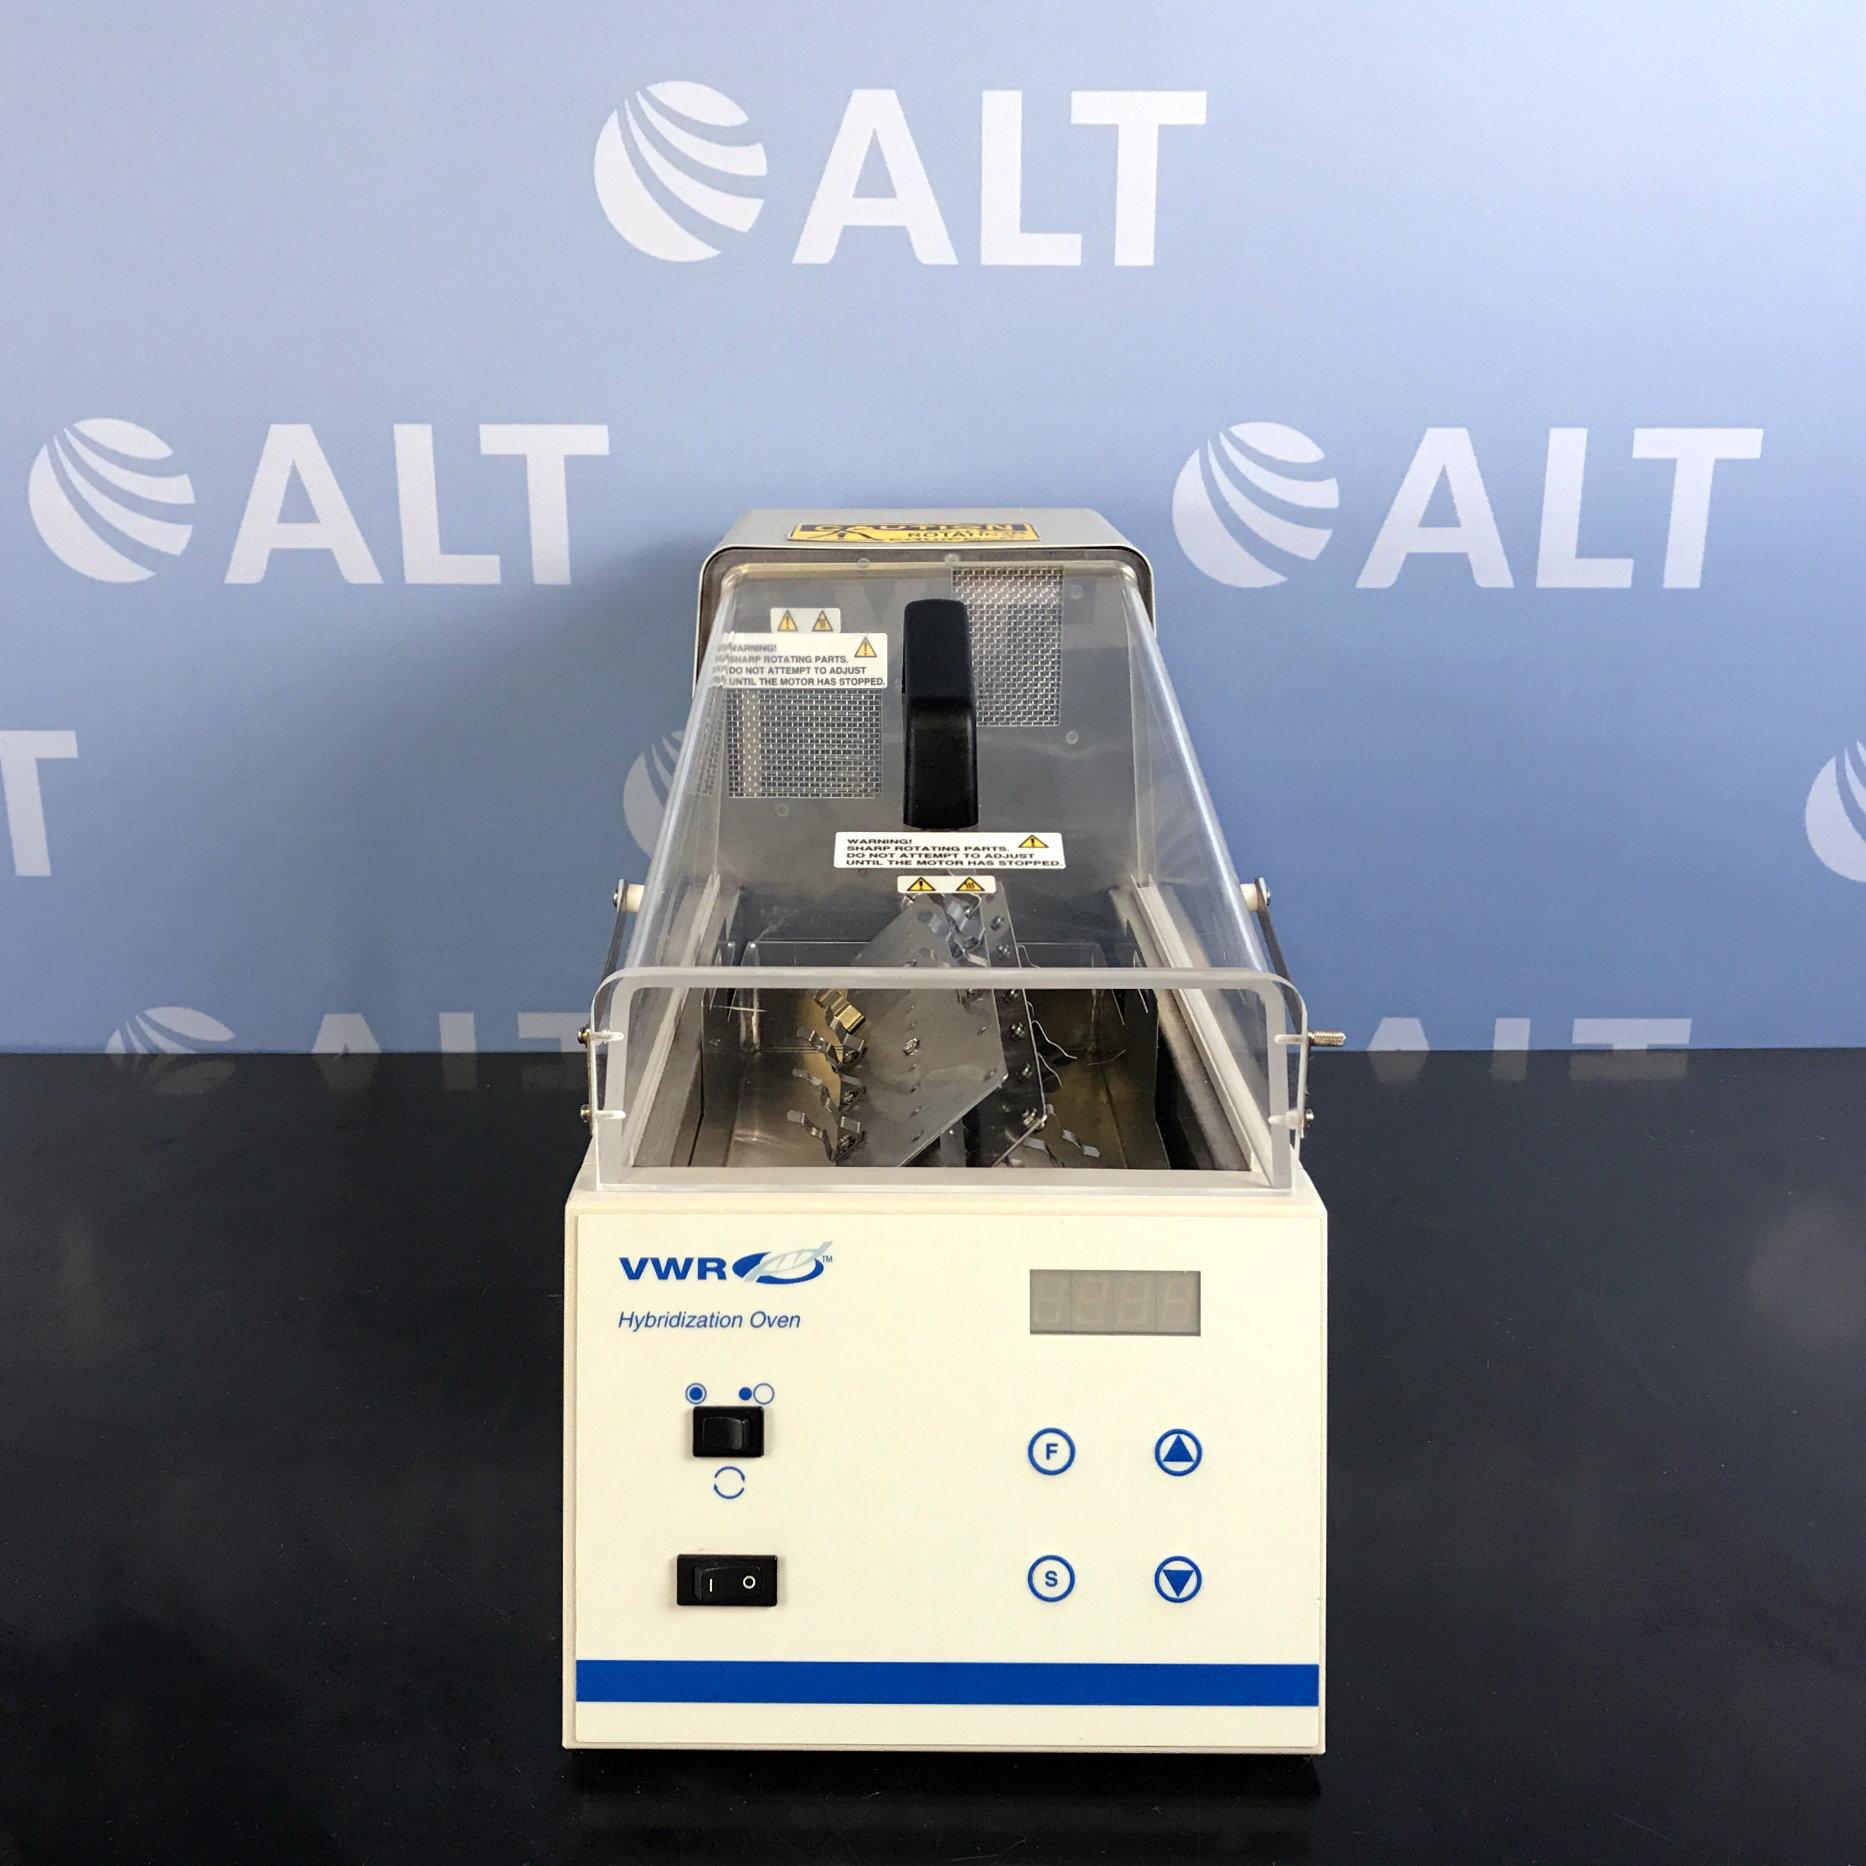 VWR / Boekel Digital Hybridization Oven 5400 CAT No. 230501v Image